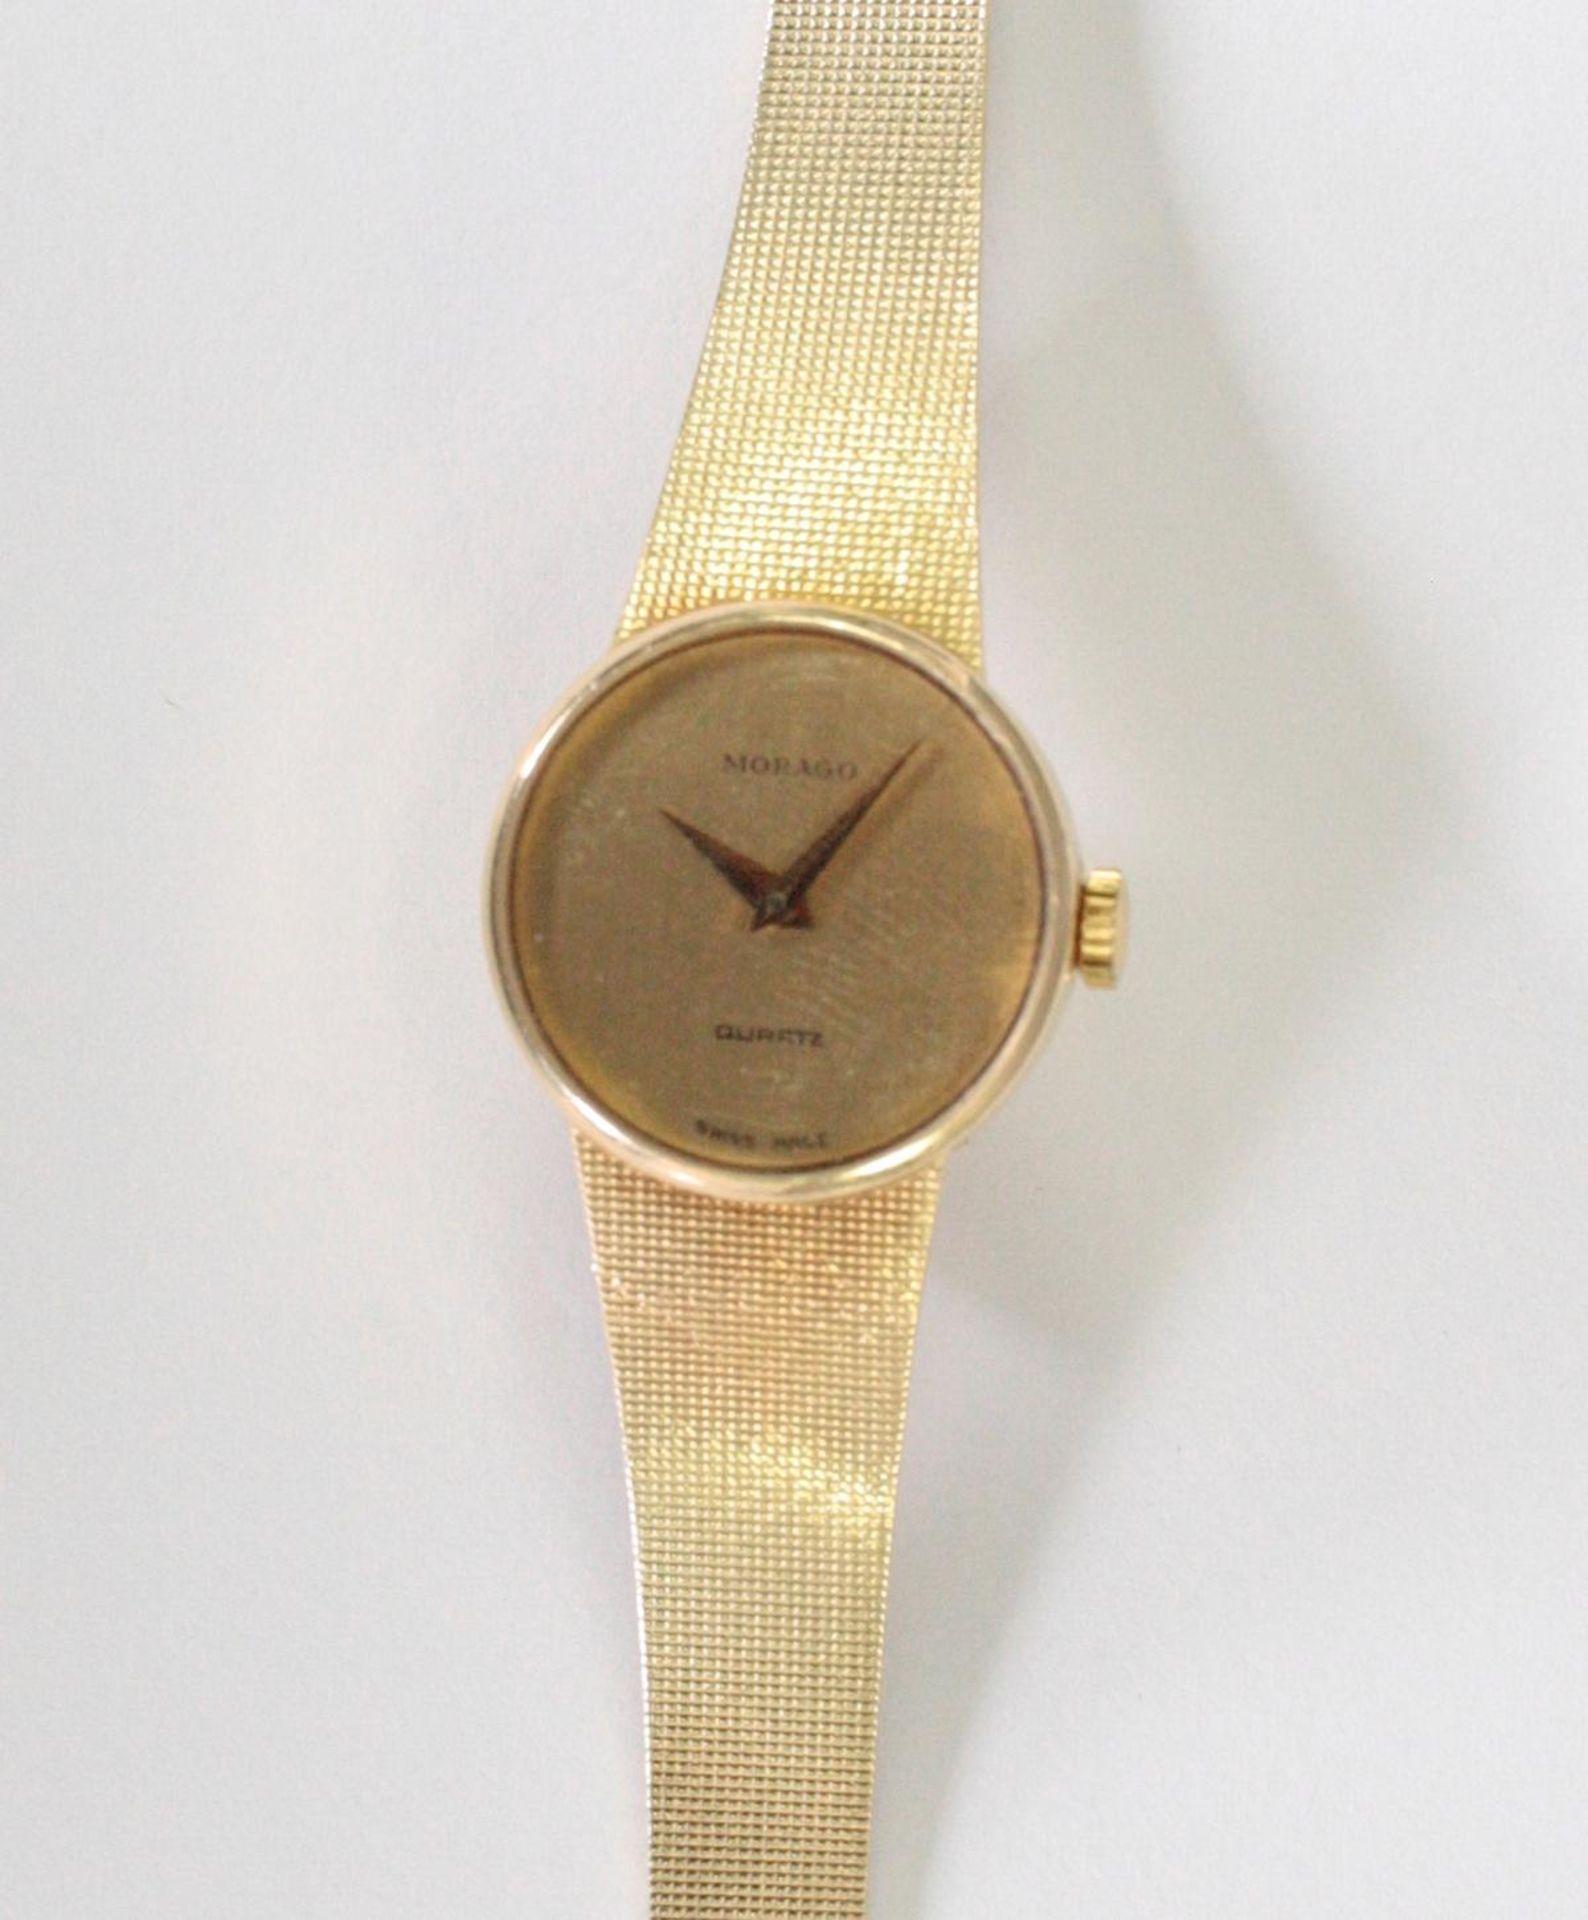 Morago Damenarmbanduhr, 14 Karat Gelbgold - Bild 3 aus 3